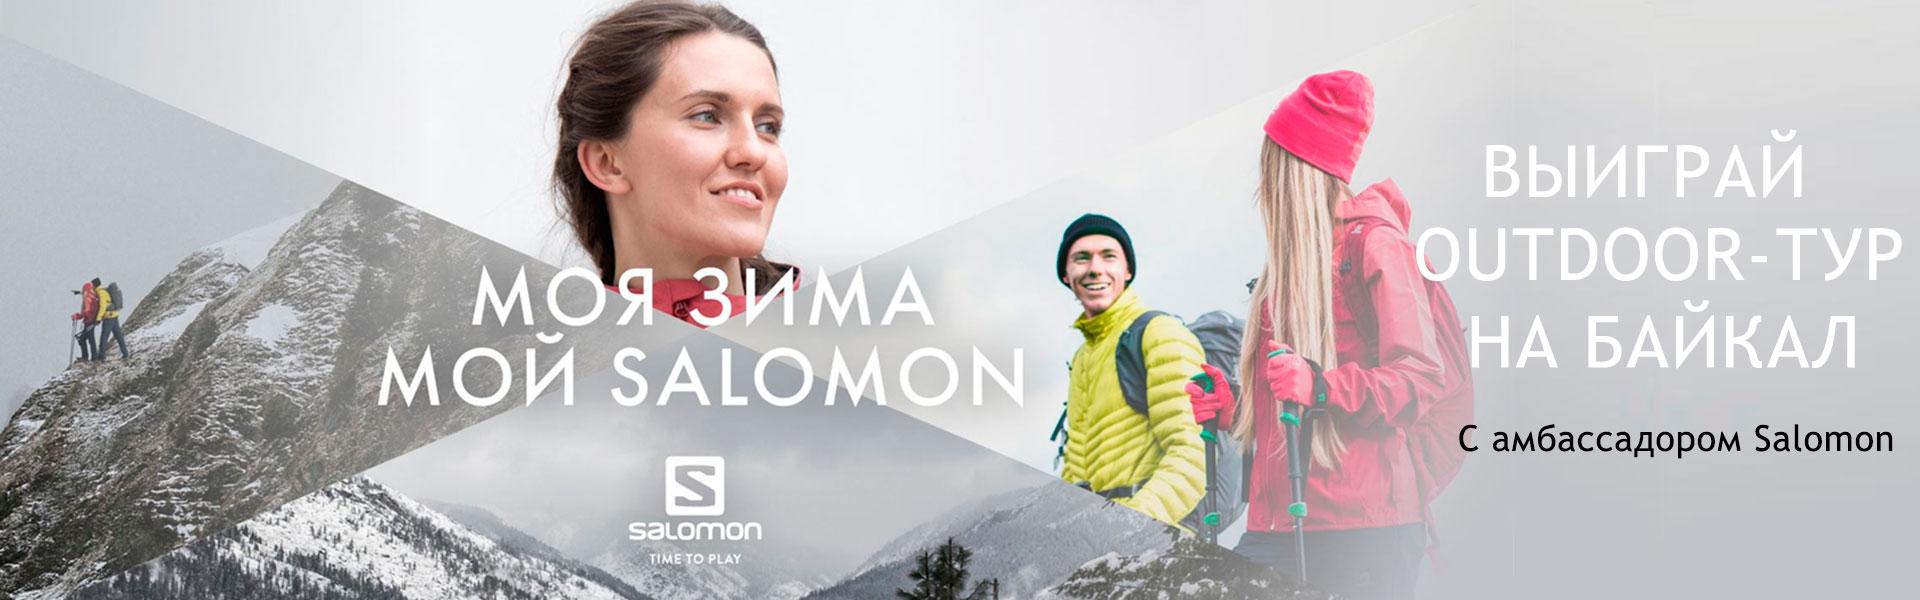 Выиграй тур на Байкал с амбассадором Salomоn